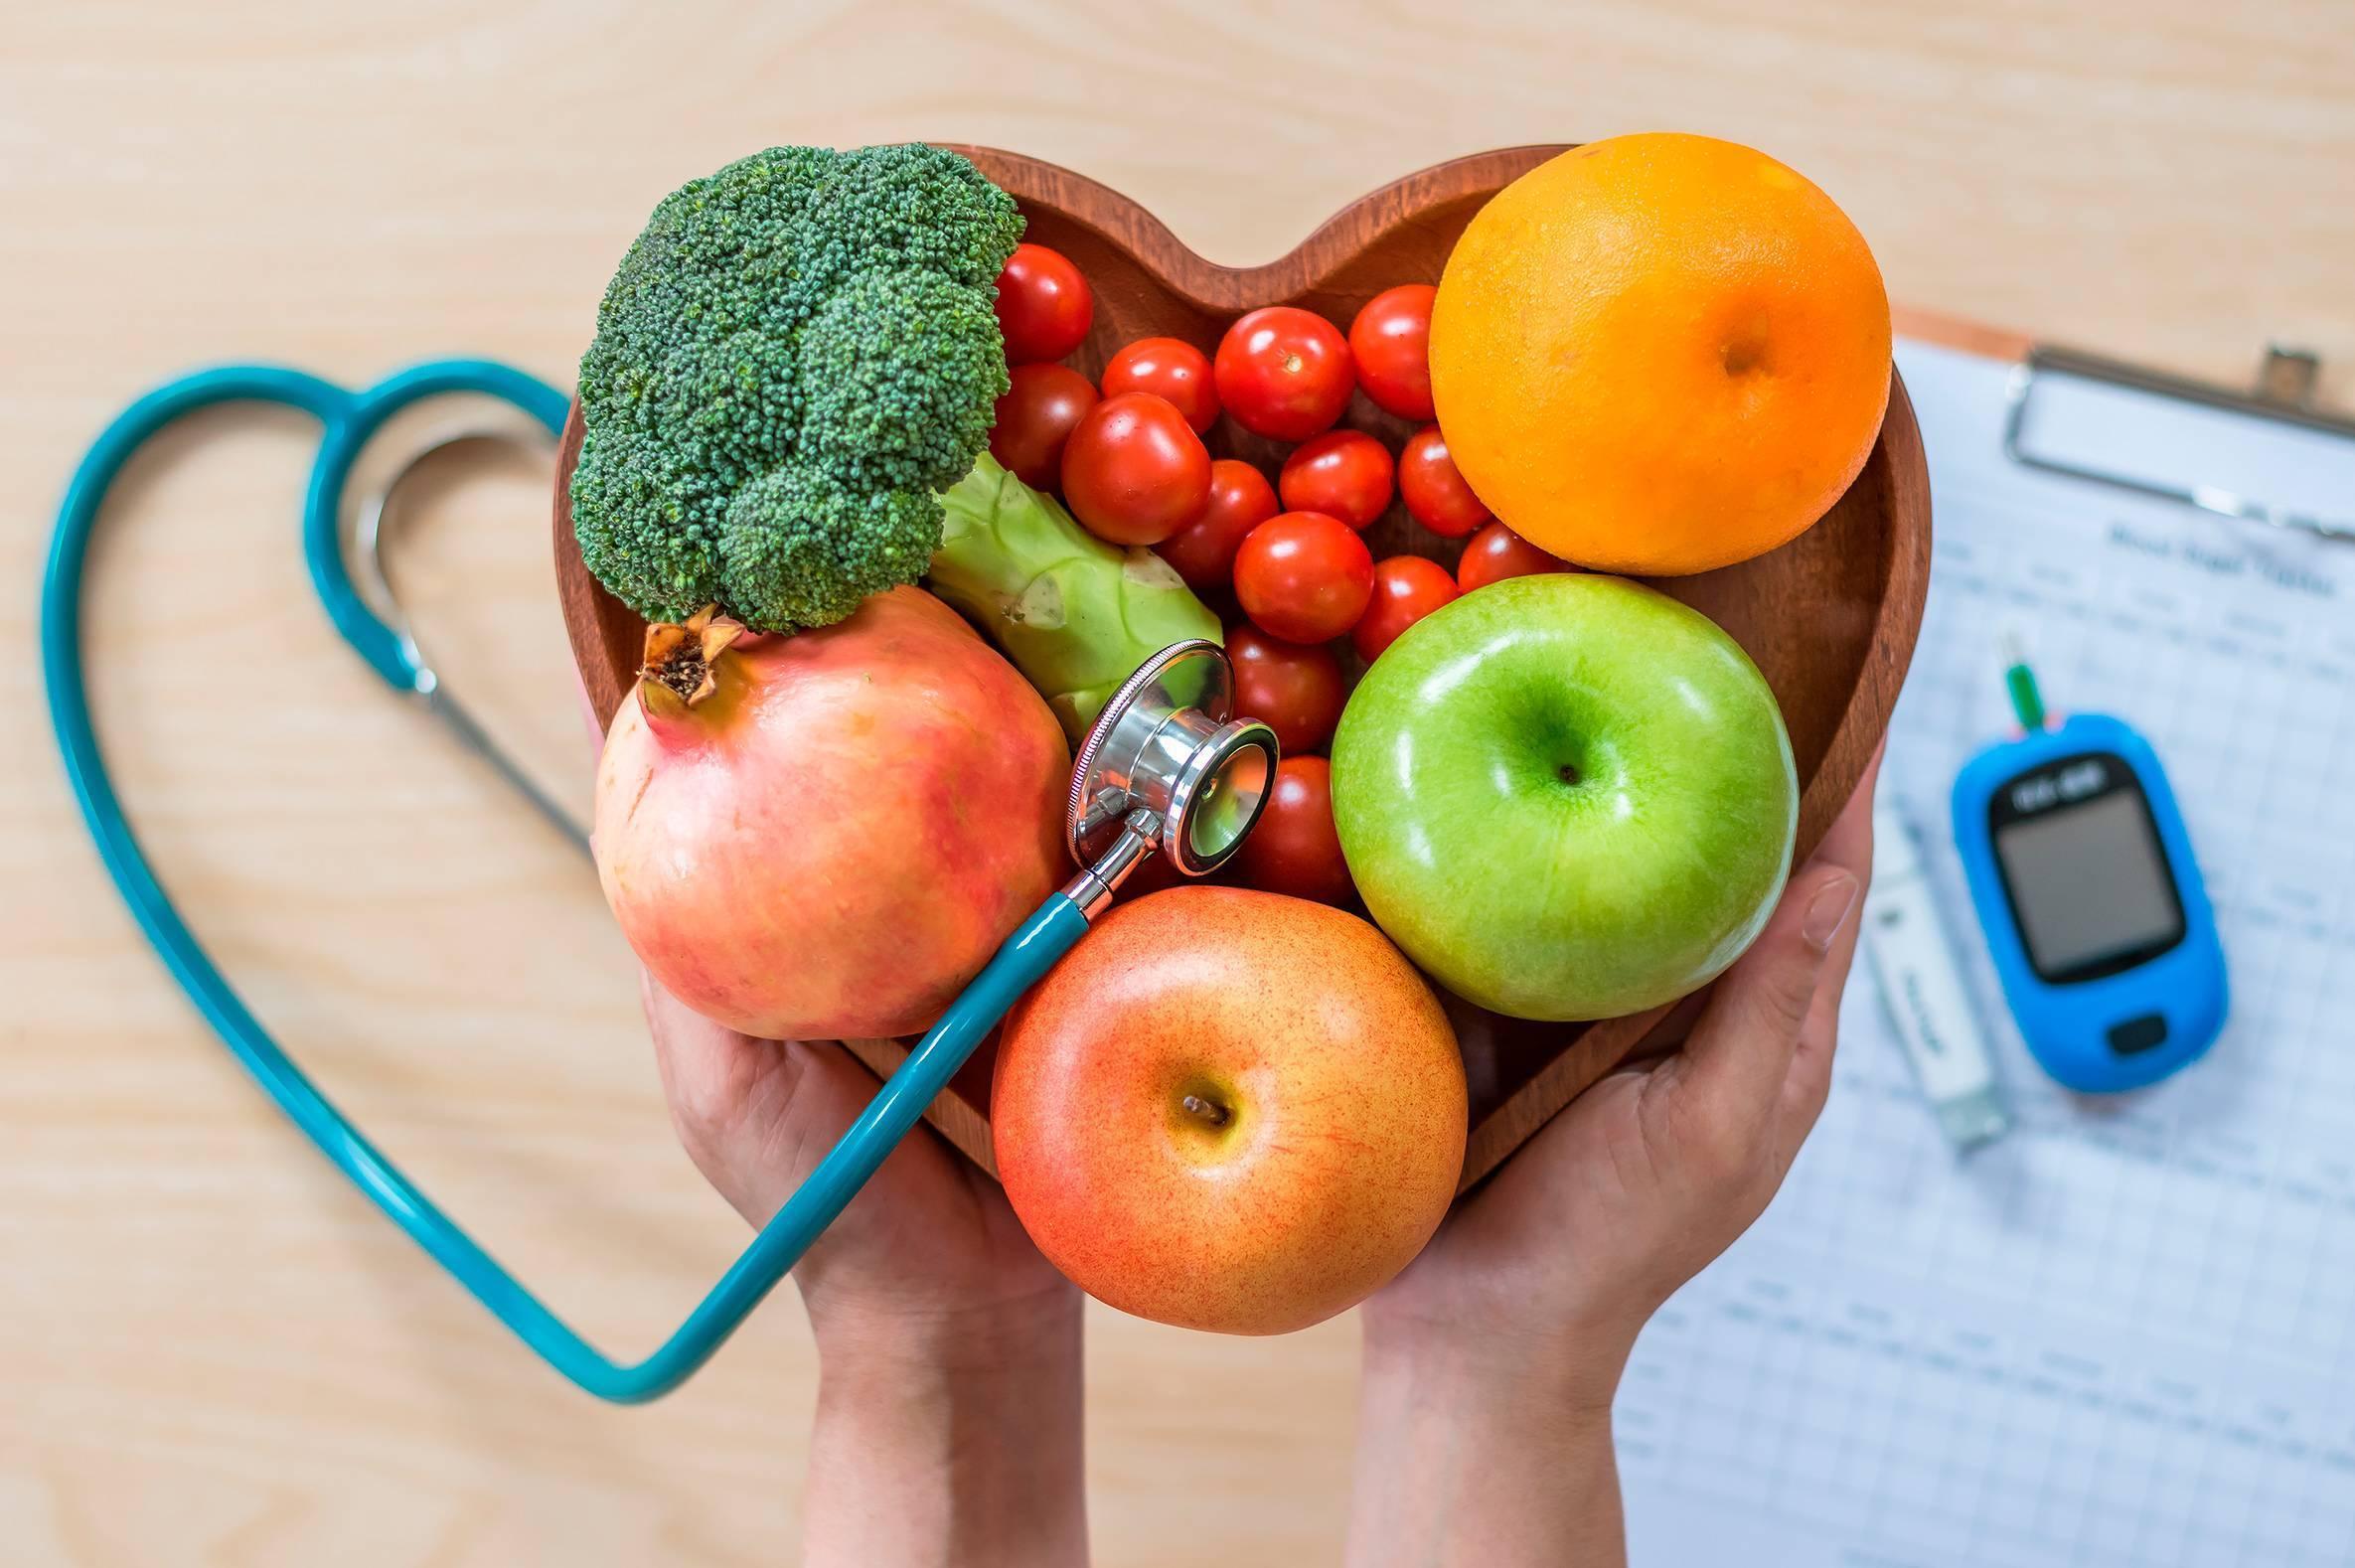 Апельсины при диабете: можно ли цитрусовые при 2 и 1 типе, влияние на уровень сахара, польза и вред, правила употребления. рецепты